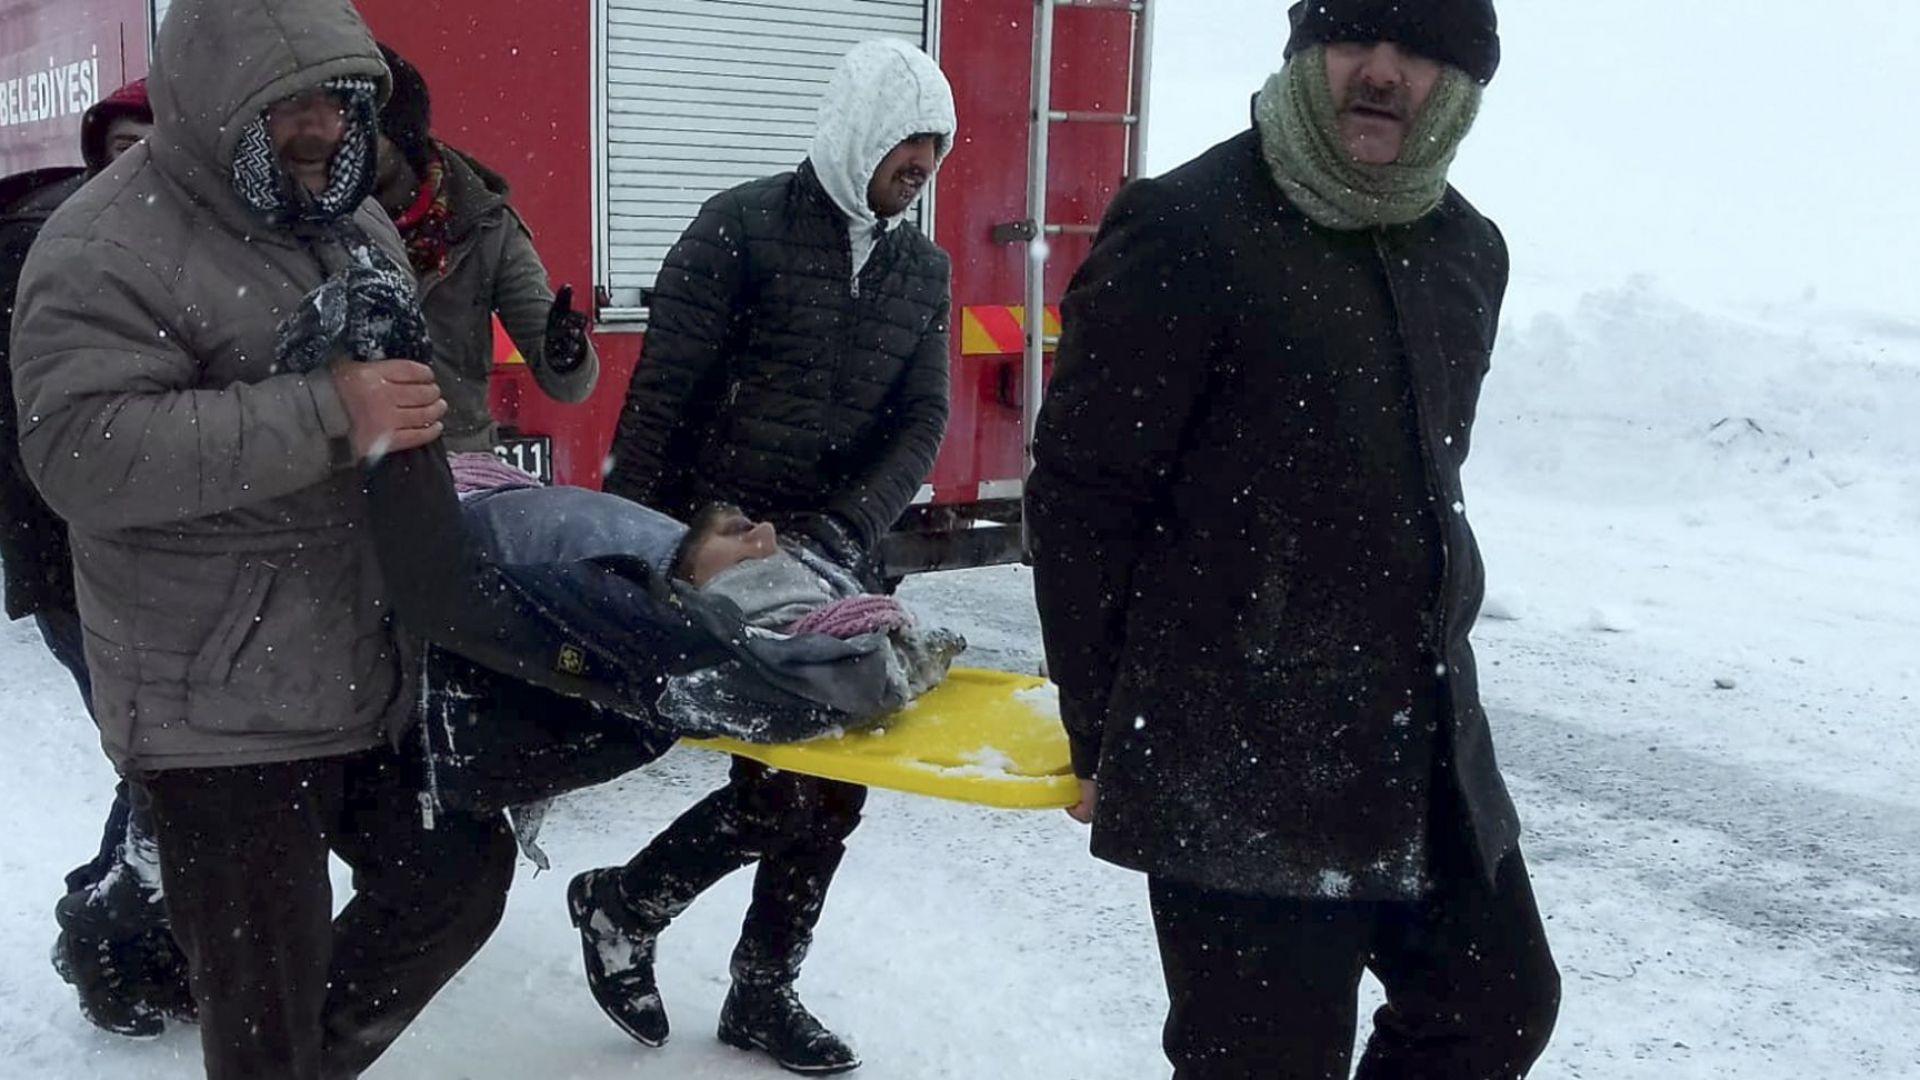 Втора лавина затрупа десетки спасители на магистрала в Турция (снимки и видео)